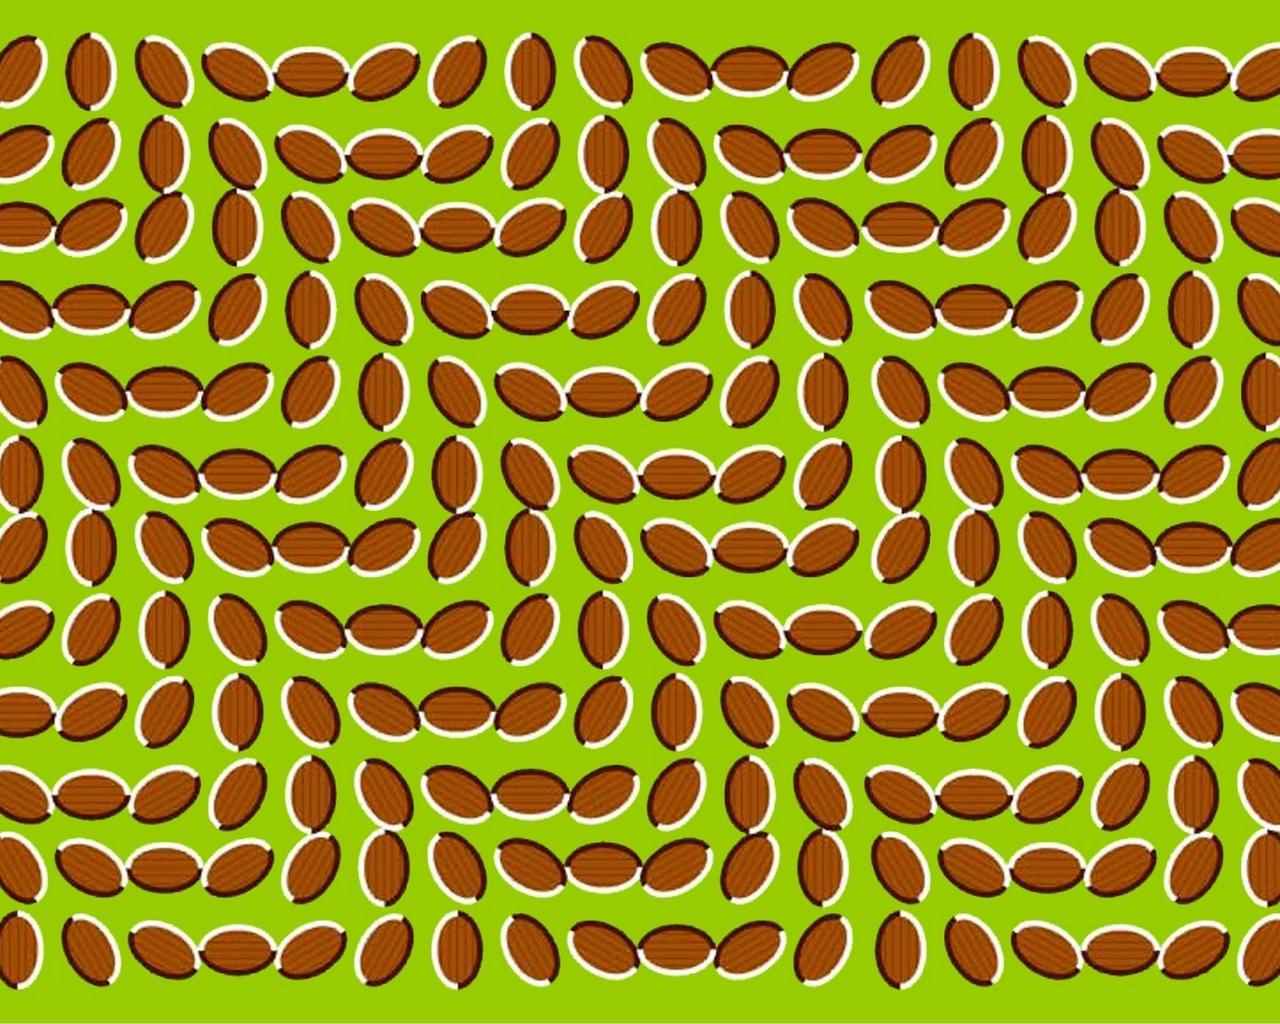 Hình ảnh ảo giác mạnh chóng mặt